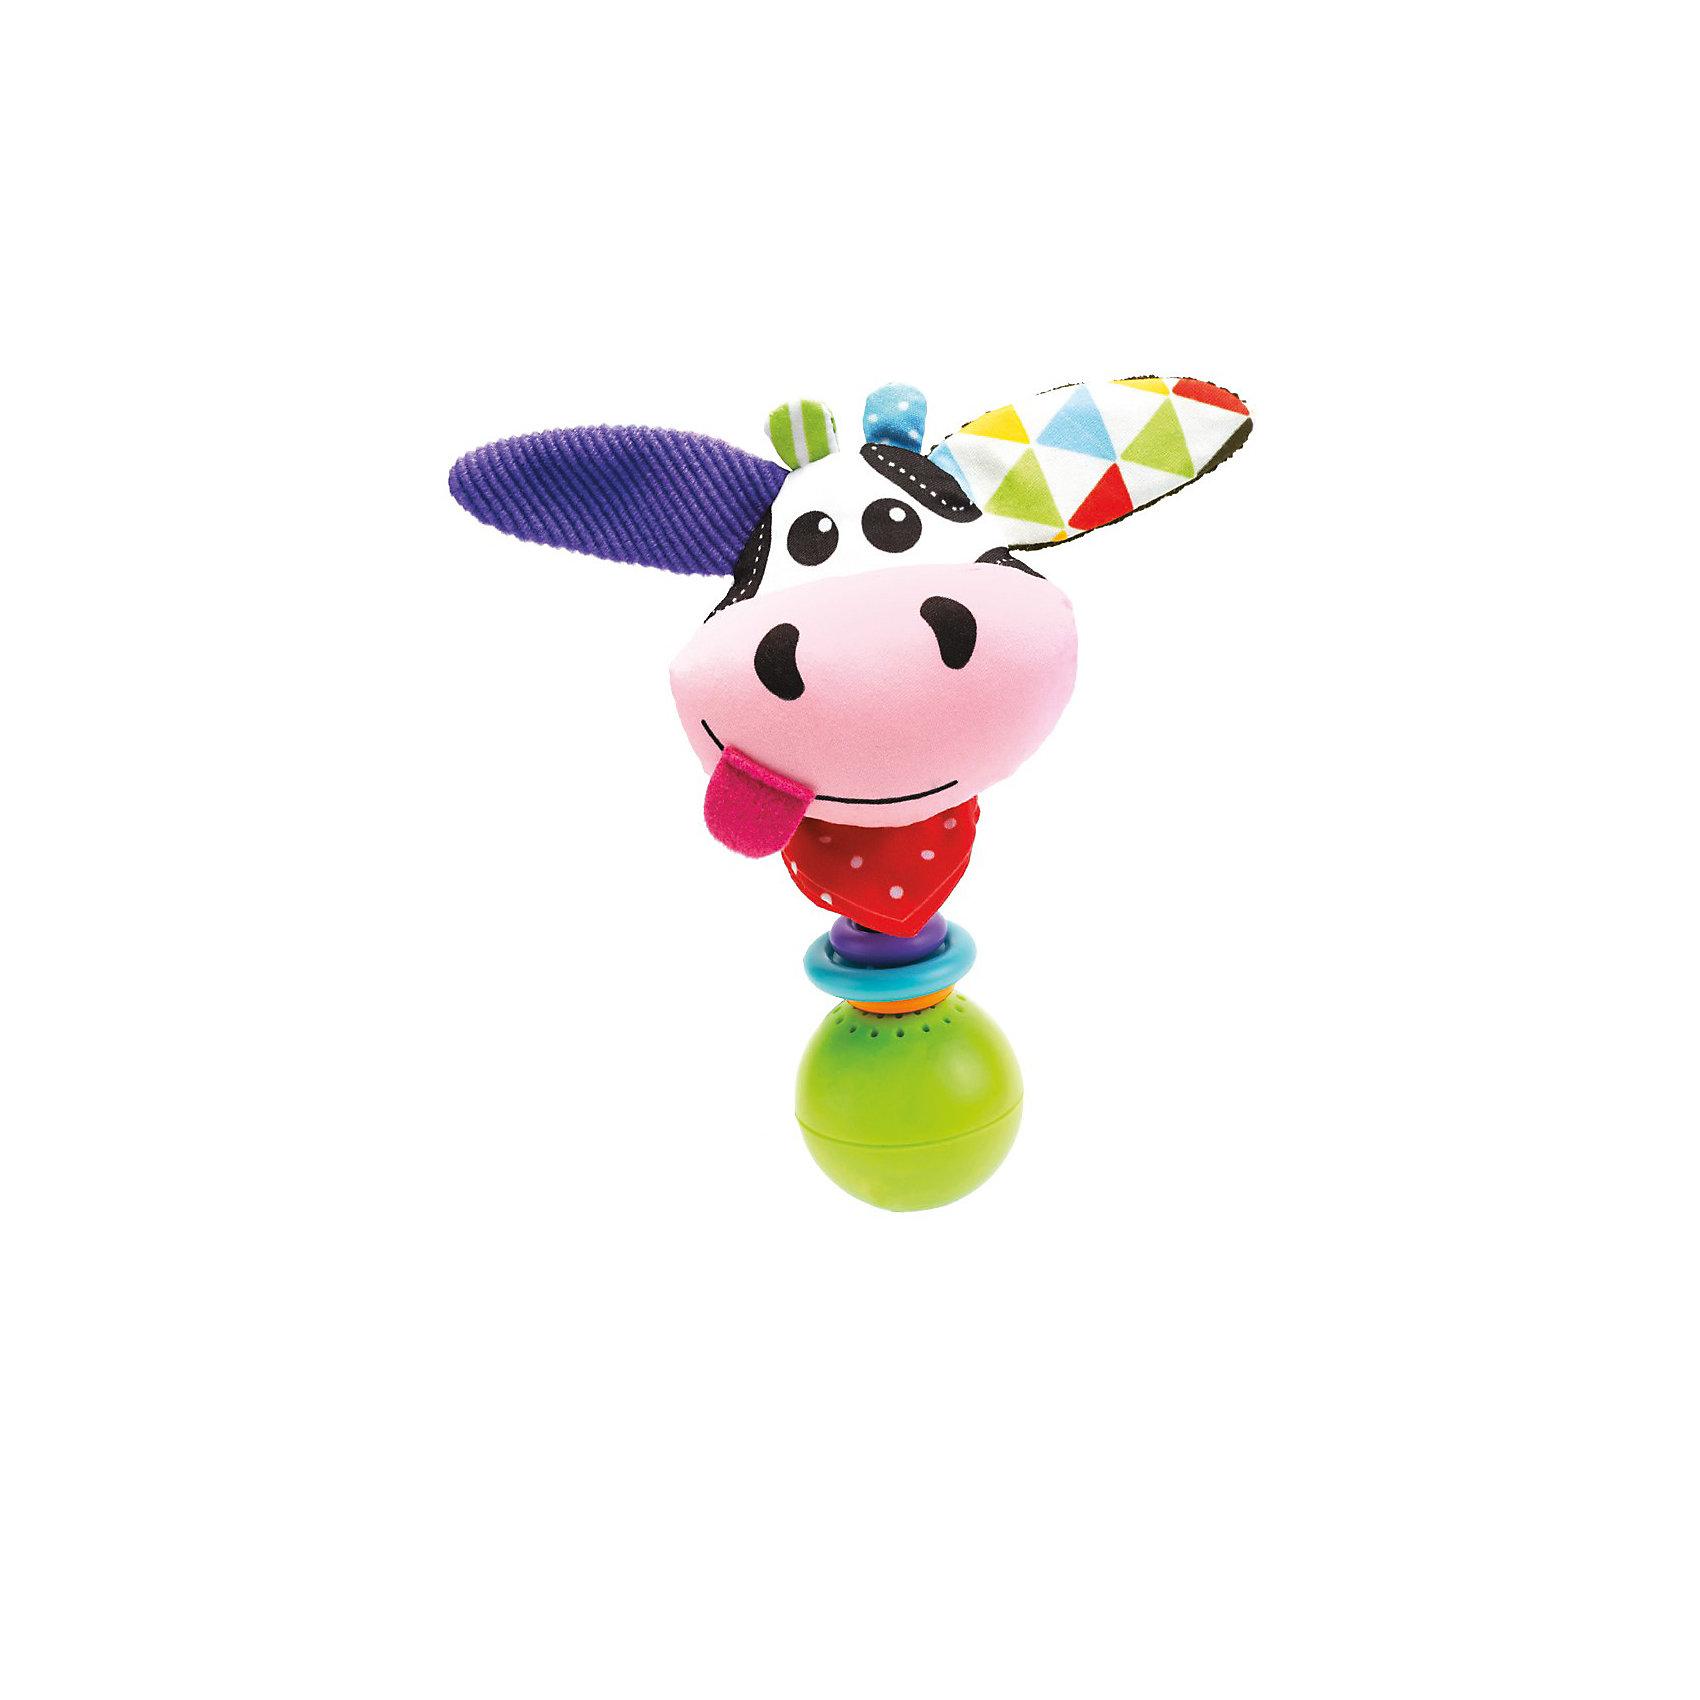 Погремушка Коровка,  YookidooПогремушки<br>Яркая и забавная погремушка в виде смешной Коровки не оставит равнодушным ни ребенка, ни взрослого. Погремушка оснащена звуковыми эффектами, которые включаются, когда ребенок ее встряхивает. В комплект к погремушке входит большое пластиковое кольцо, благодаря которому, ее можно подвесить в коляску или кроватку. Погремушка Коровка улучшит хватательные навыки малыша, укрепит мускулатуру детских рук, улучшит зрительное и слуховое восприятие, а также подарит хорошее настроение.<br><br><br>Дополнительная информация:<br><br>- Комплектация: погремушка, пластиковое кольцо для подвешивания.<br>- Материал: пластик, текстиль.<br>- Цвет: красный, голубой, белый, желтый, розовый, фиолетовый.<br>- Размер упаковки: 5 x 16 x 19 см.<br>- Звуковые эффекты: есть.<br>- Элемент питания: батарейки 3хLR44 (входят в комплект).<br><br>Погремушку Коровка,  Yookidoo можно купить в нашем магазине.<br><br>Ширина мм: 195<br>Глубина мм: 50<br>Высота мм: 165<br>Вес г: 62<br>Возраст от месяцев: 0<br>Возраст до месяцев: 12<br>Пол: Унисекс<br>Возраст: Детский<br>SKU: 3908343